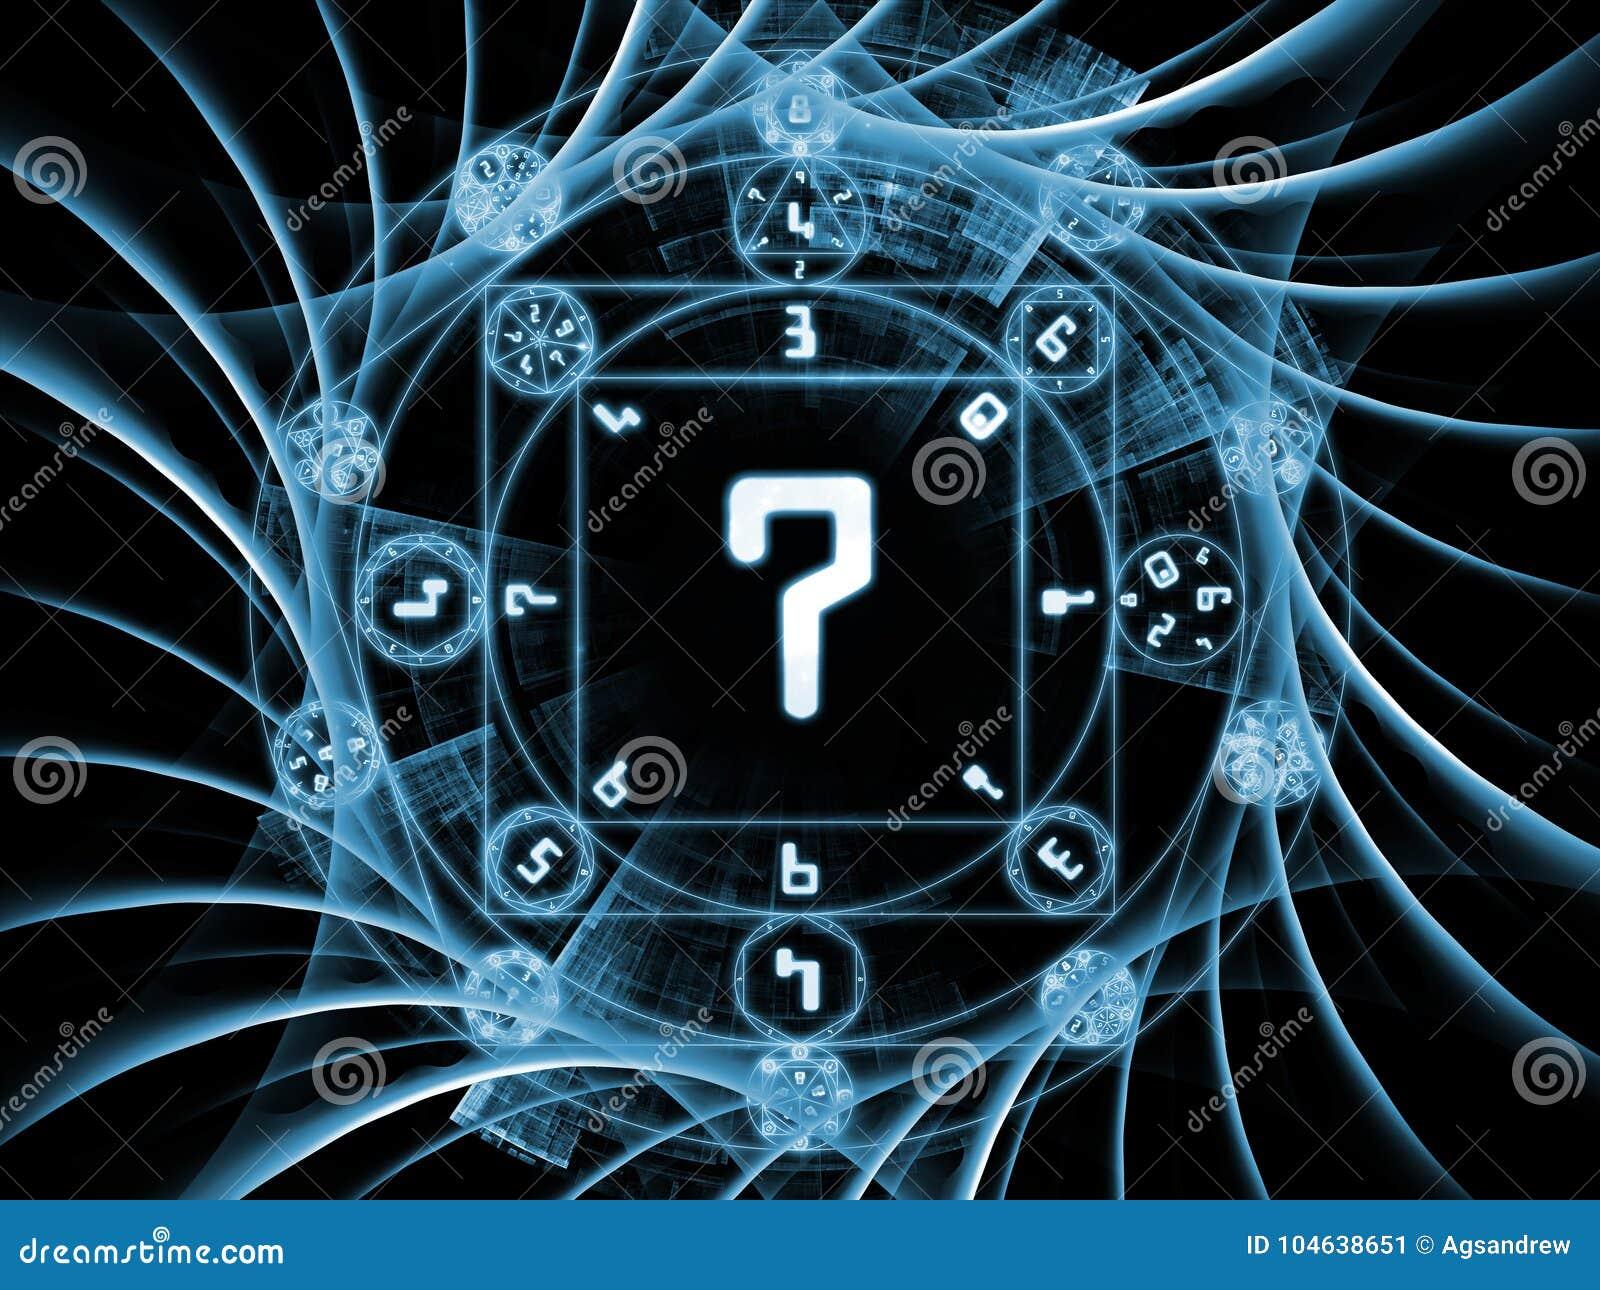 Download De Bloem Van Symbolische Betekenis Stock Illustratie - Illustratie bestaande uit achtergrond, numerology: 104638651